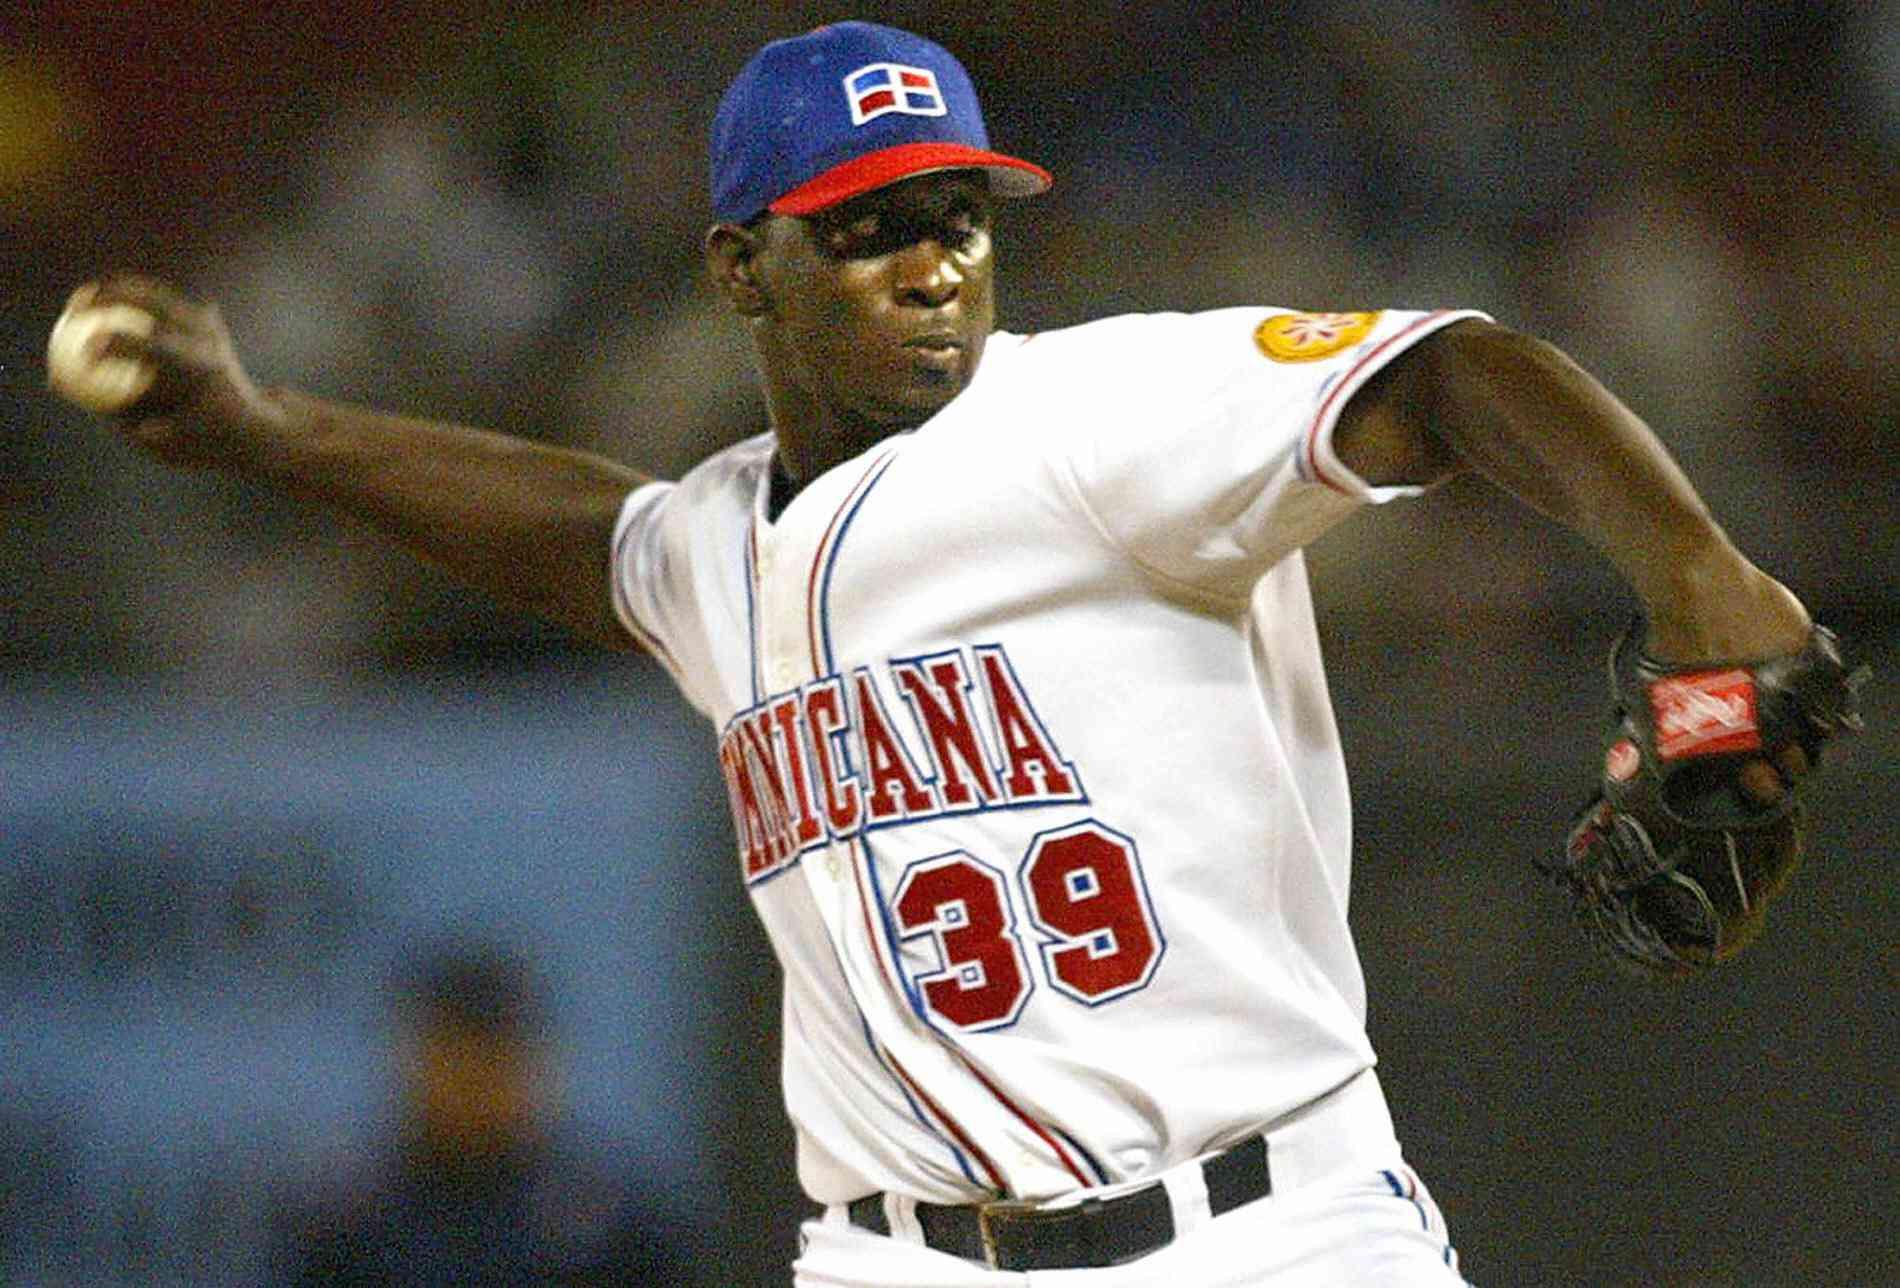 El pitcher Rafael Soriano, de Tigres de